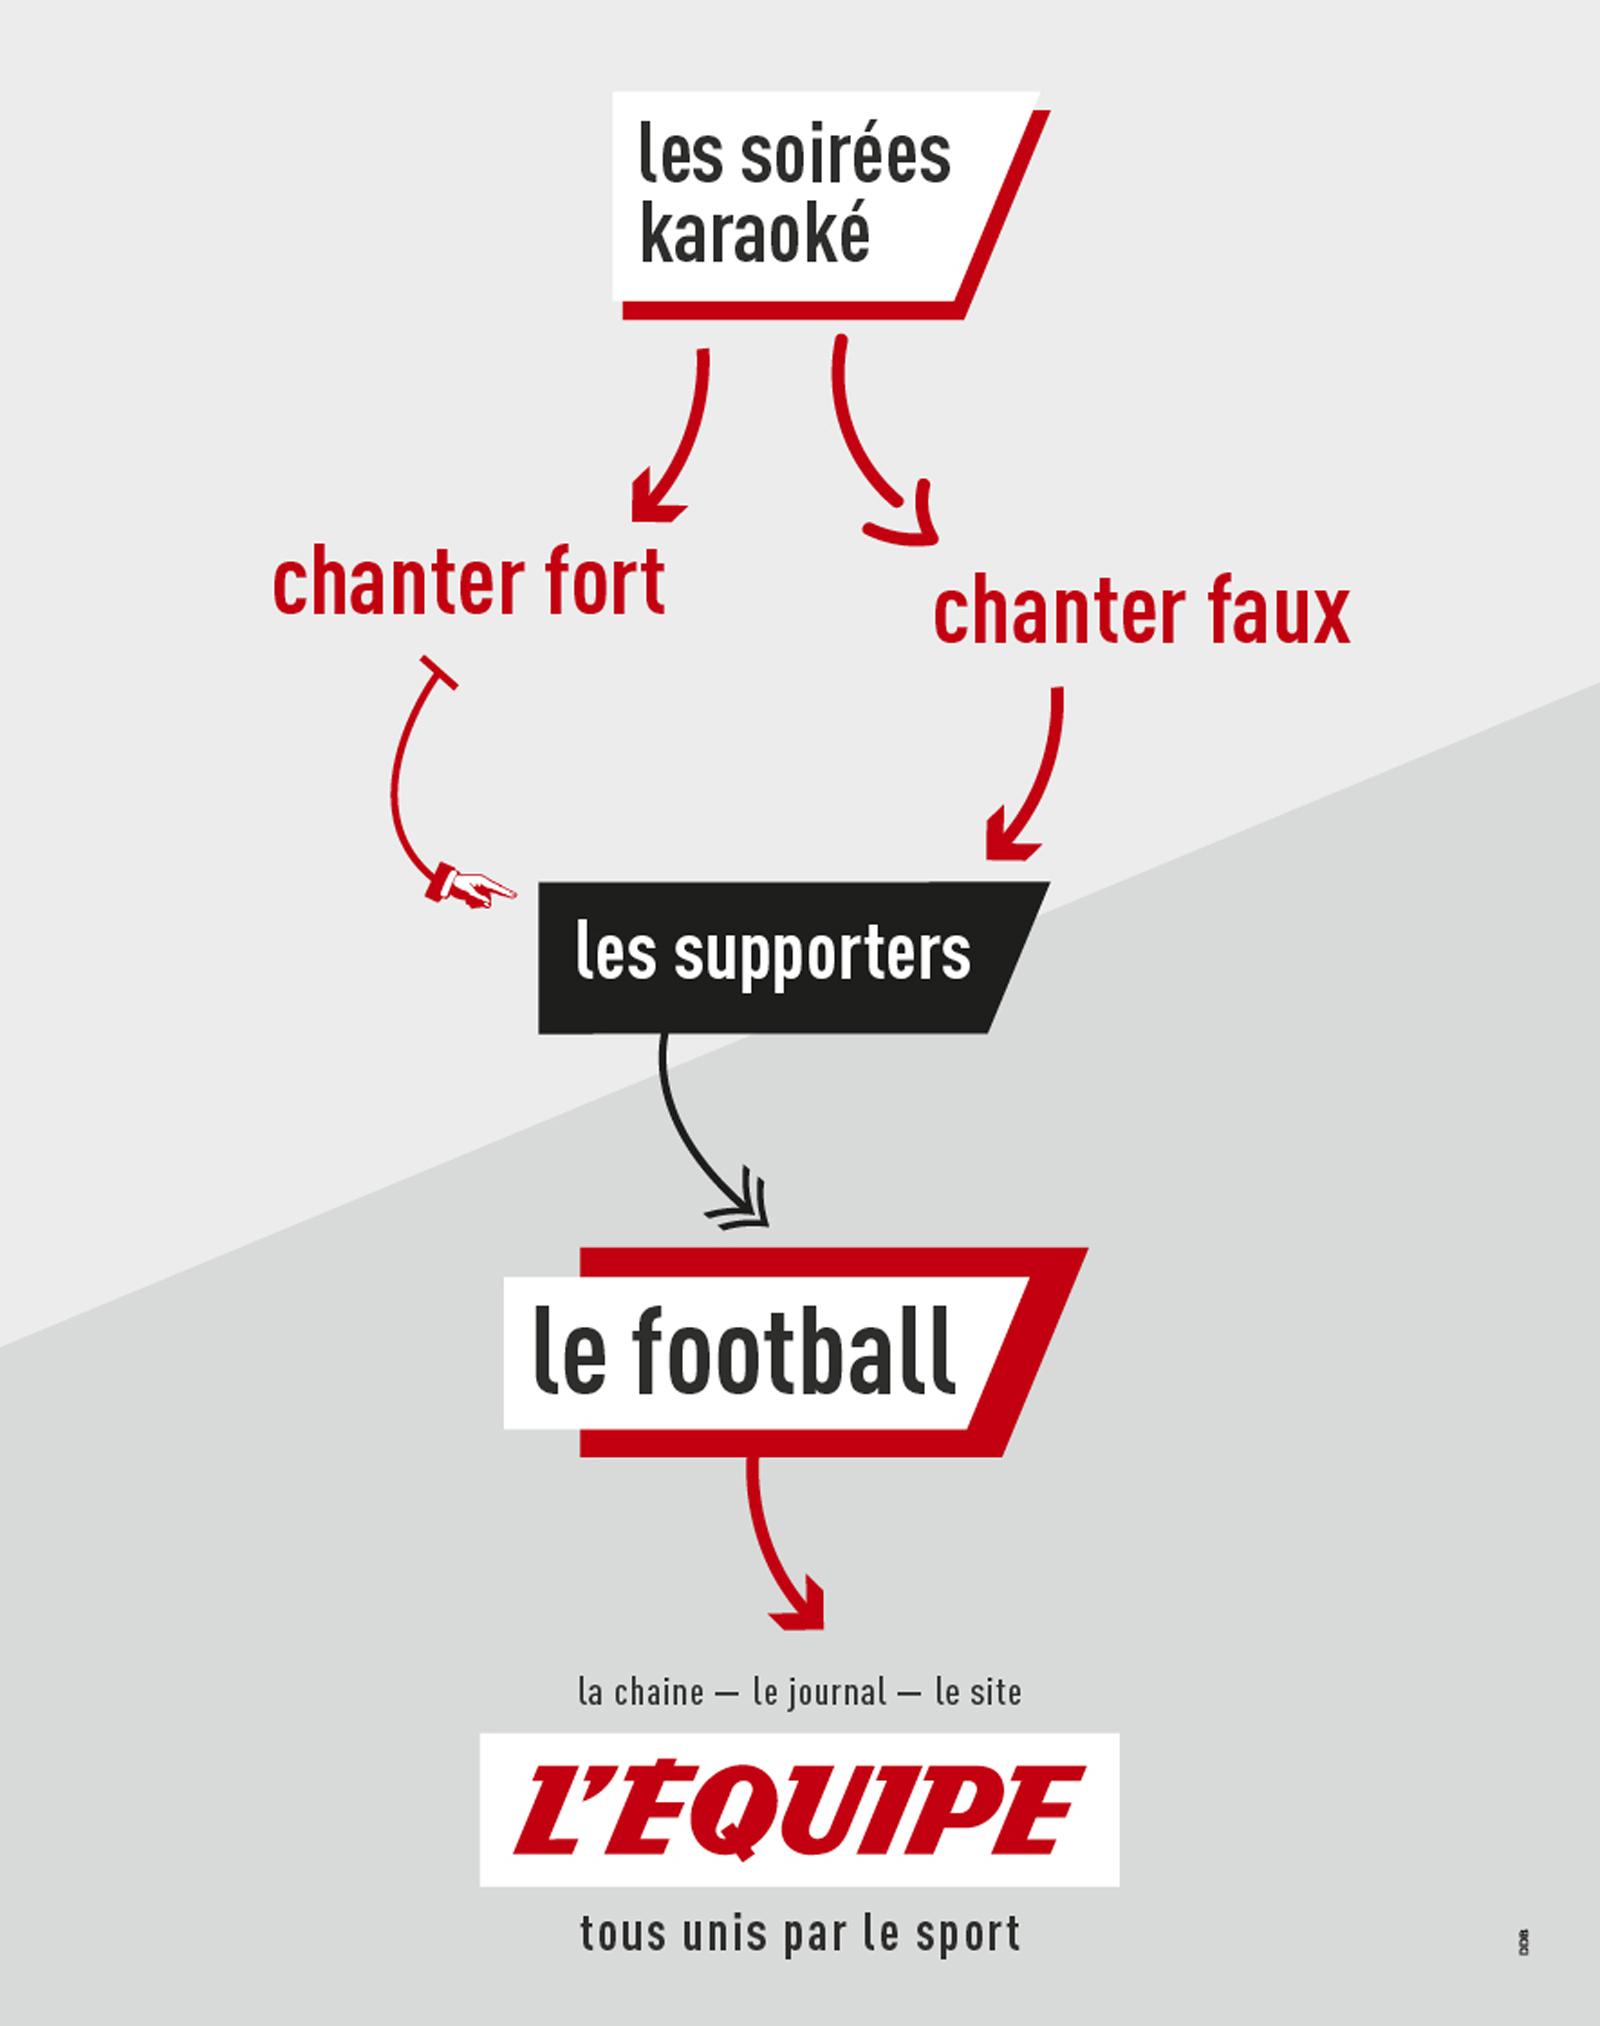 lequipe-journal-publicite-marketing-affichage-tous-unis-par-le-sport-ddb-paris-5